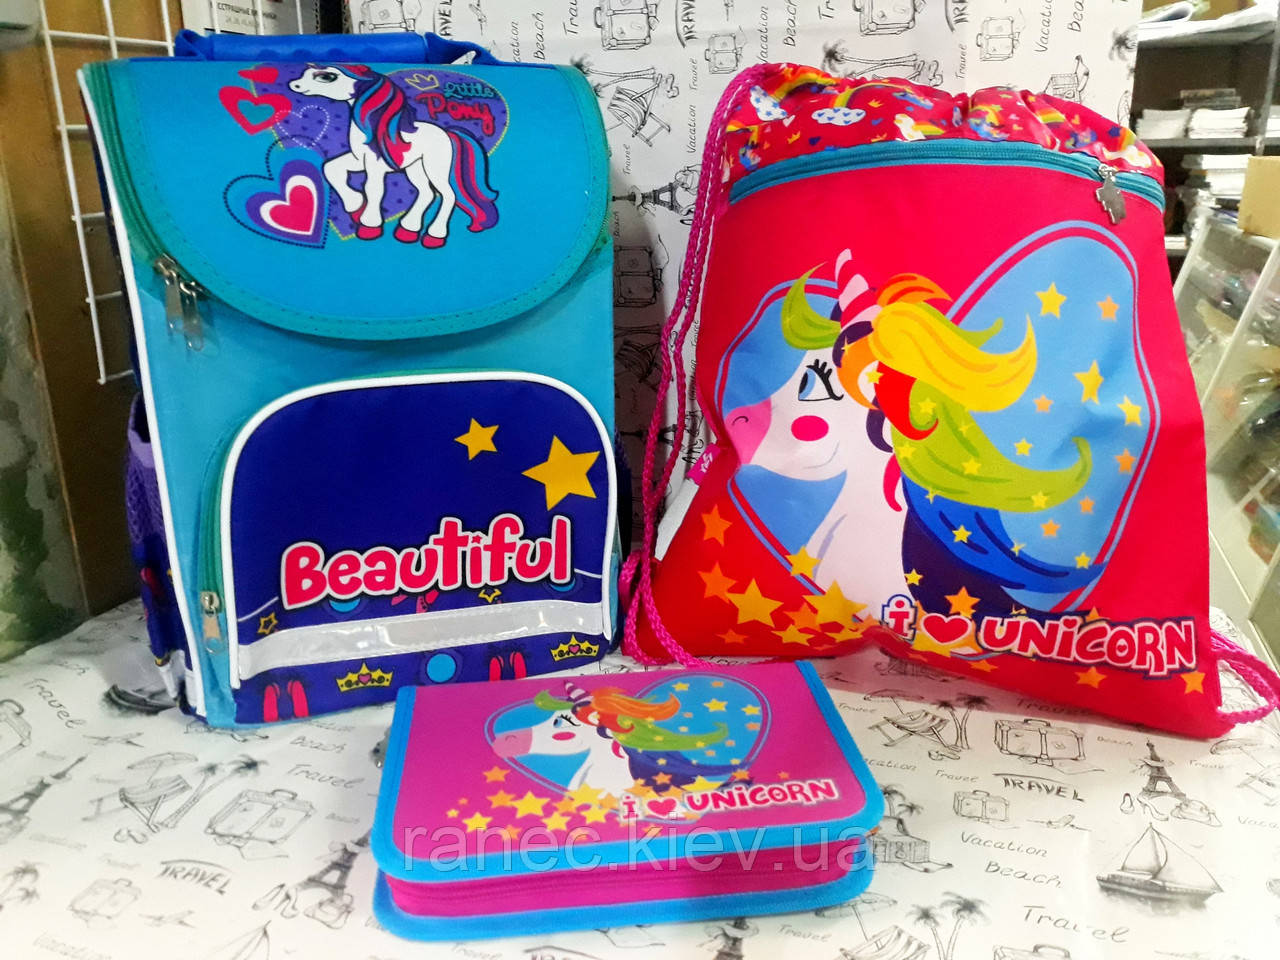 Набор для Девочки Smile Пони рюкзак 988071 пенал 531787 сумка для обуви 555345 + Подарок